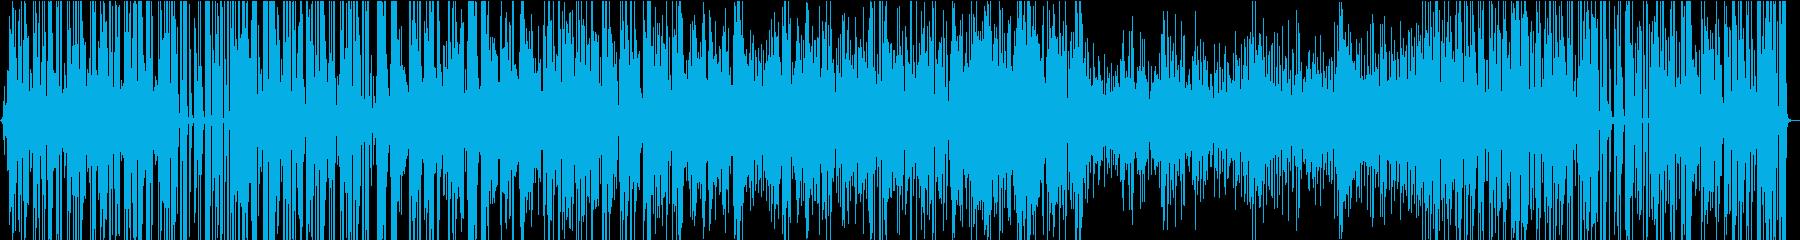 ソロトロンボーン。ジャズボックス。の再生済みの波形